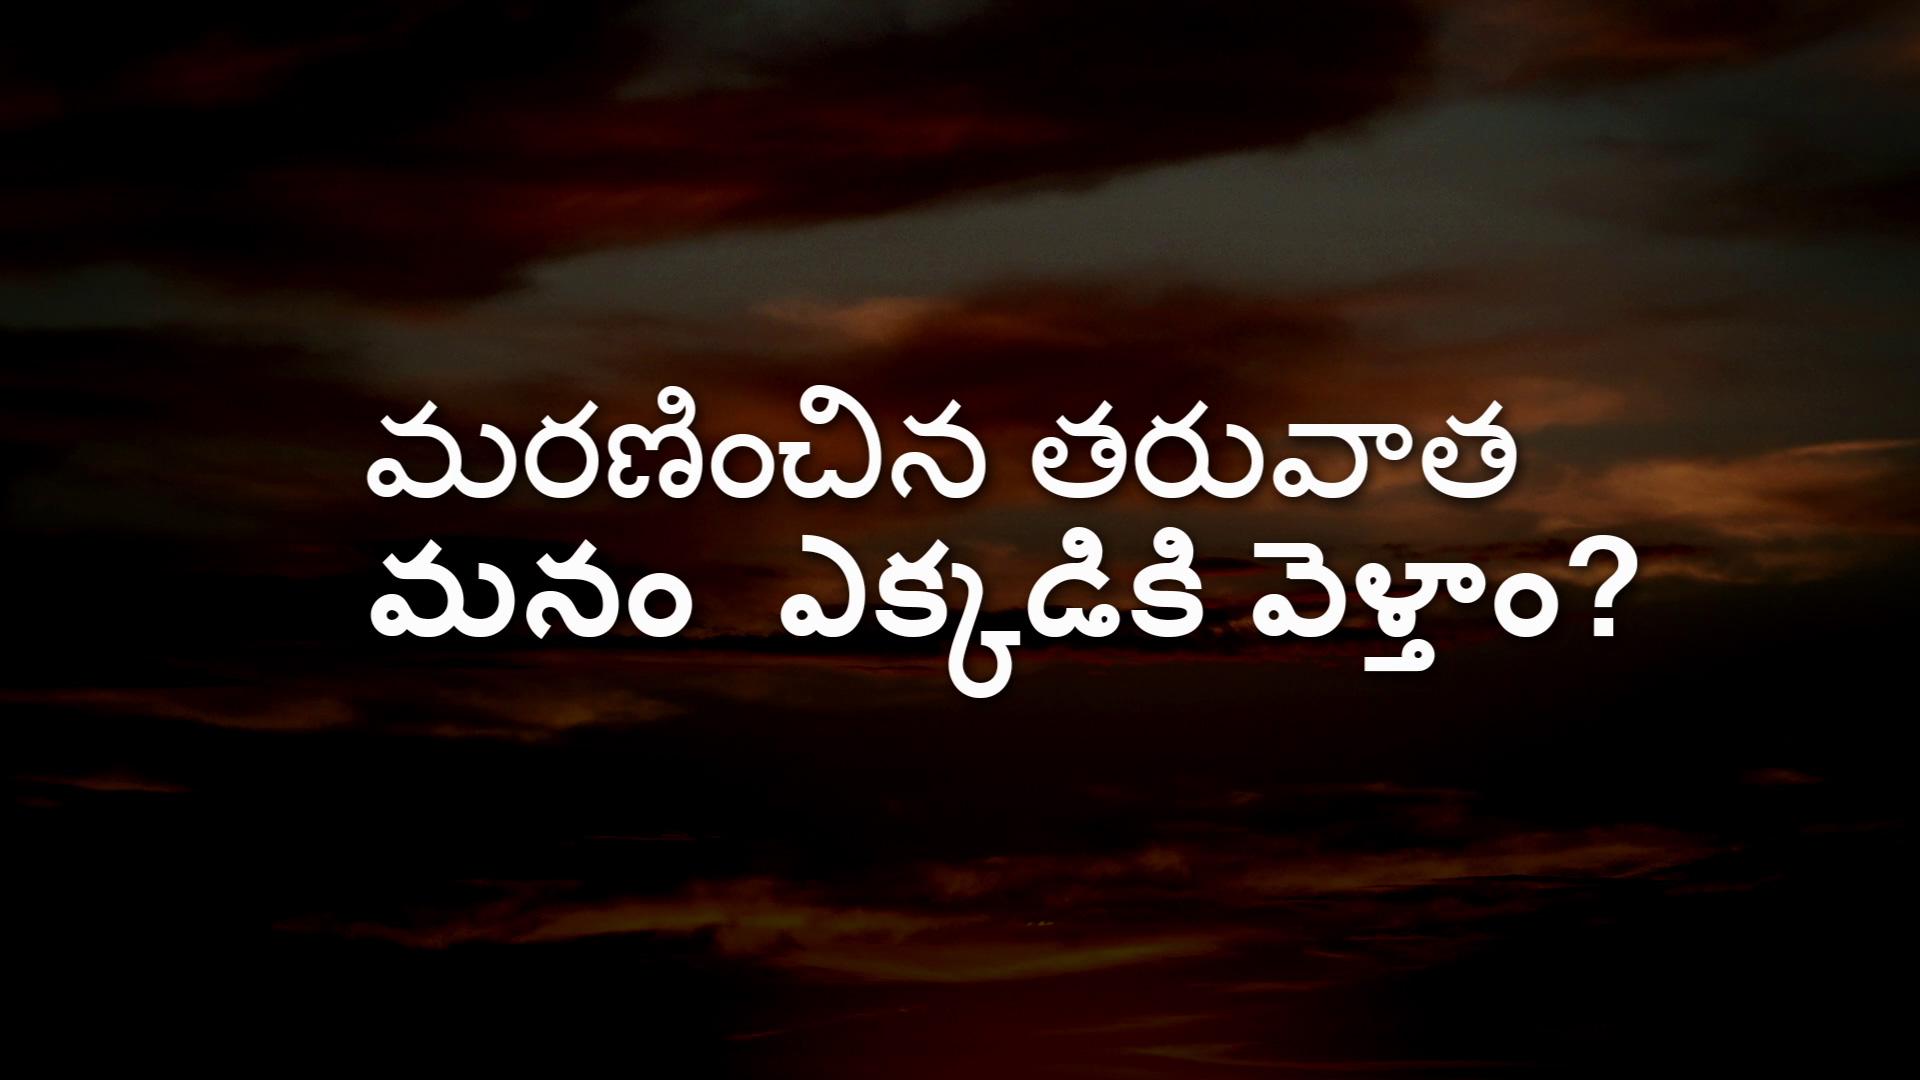 మరణించిన తరువాత మనం ఎక్కడికి వెళ్తాం? (Where Do We Go When We Die?) - Telugu Version